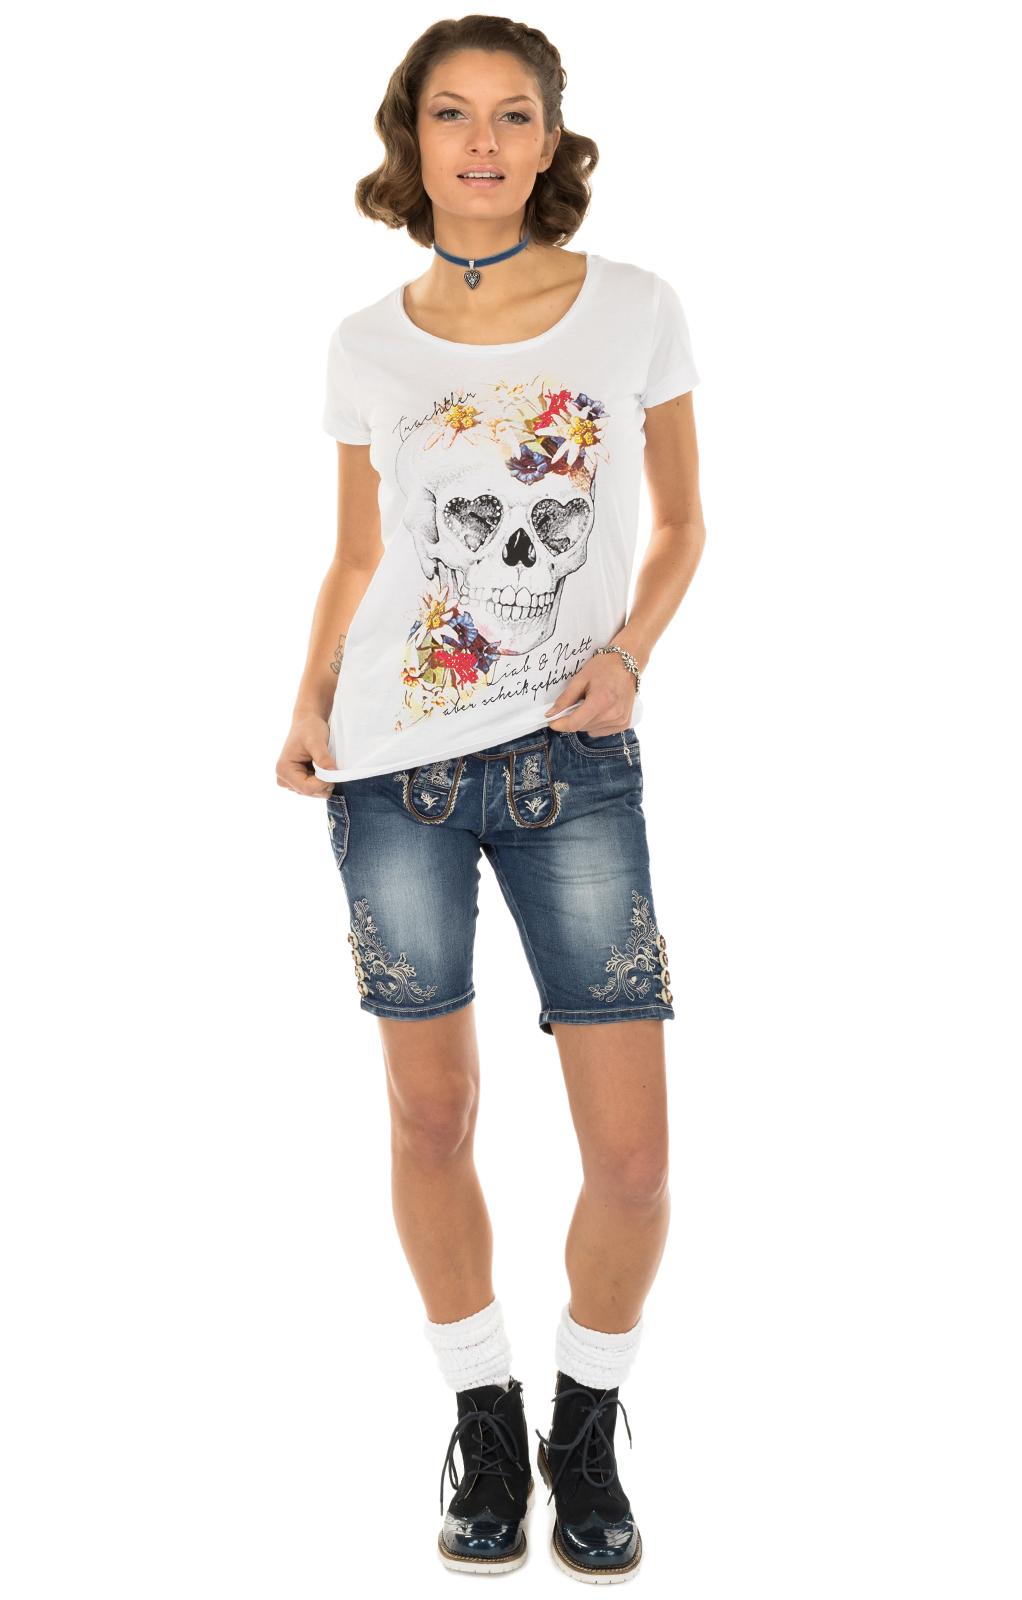 weitere Bilder von Trachten Shirt MERLEwhite